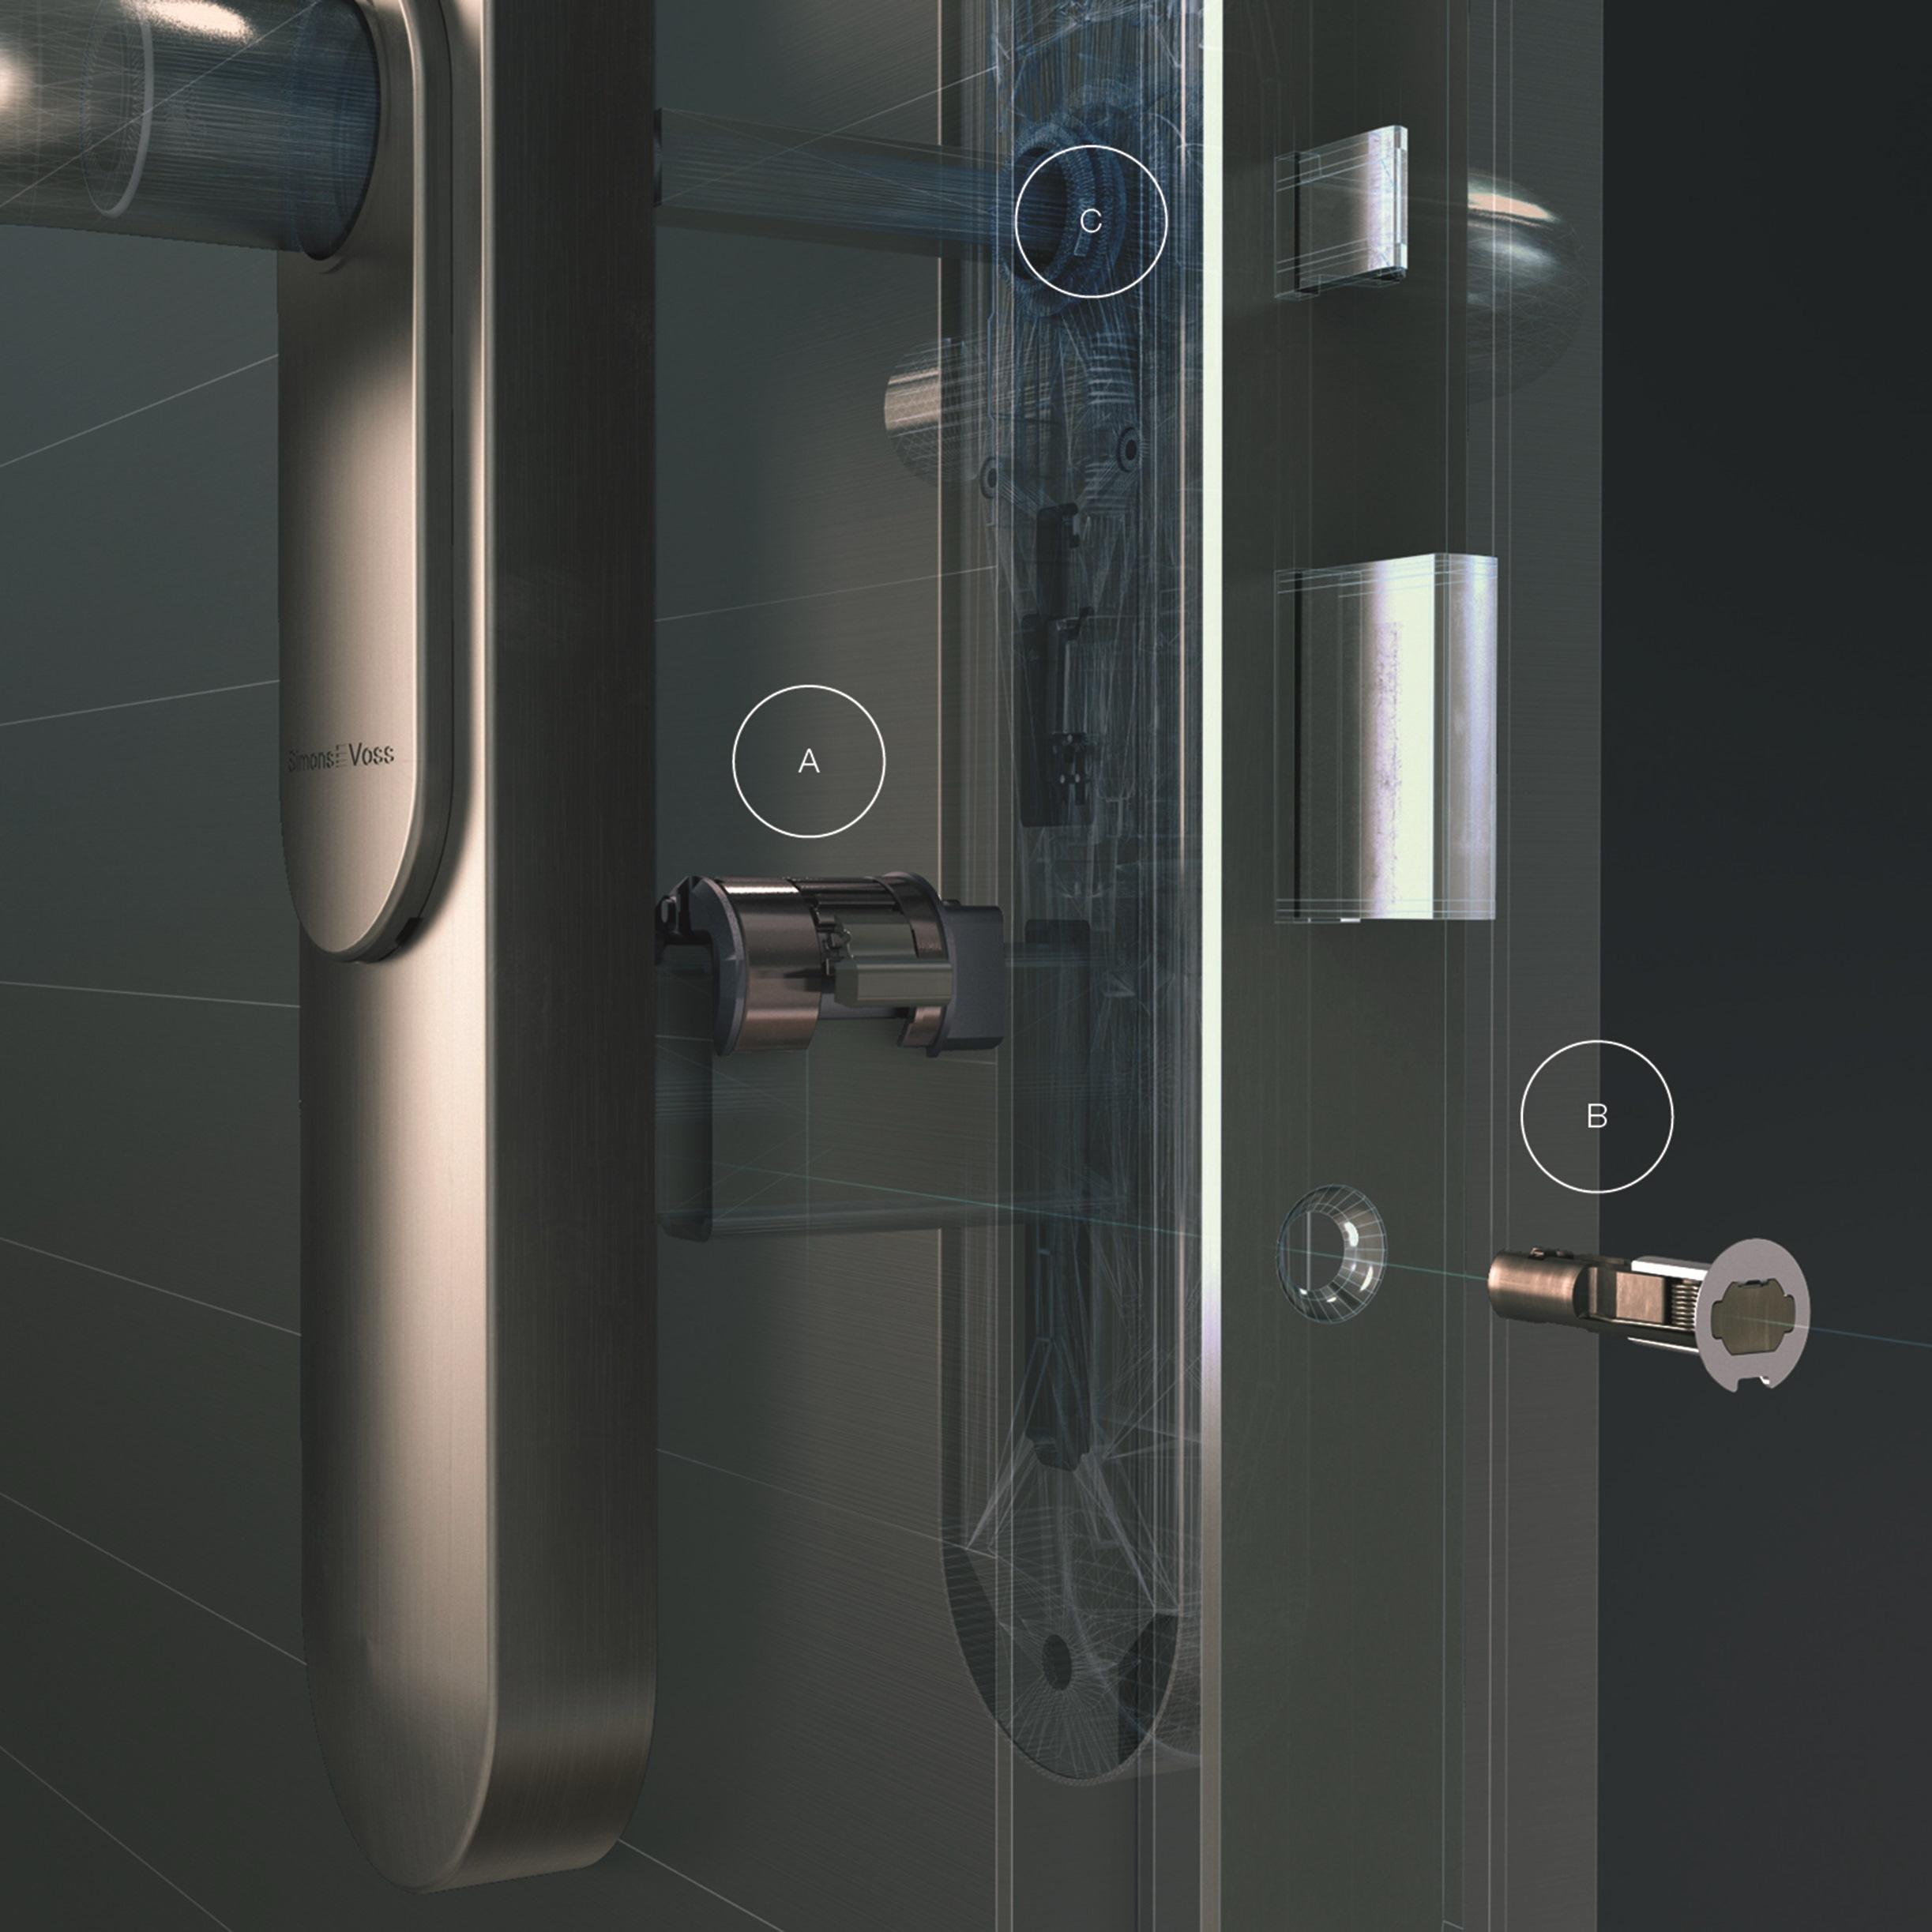 SimonsVoss DoorMonitoring -  Draadloze monitoring en status alerts van belangrijke deuren